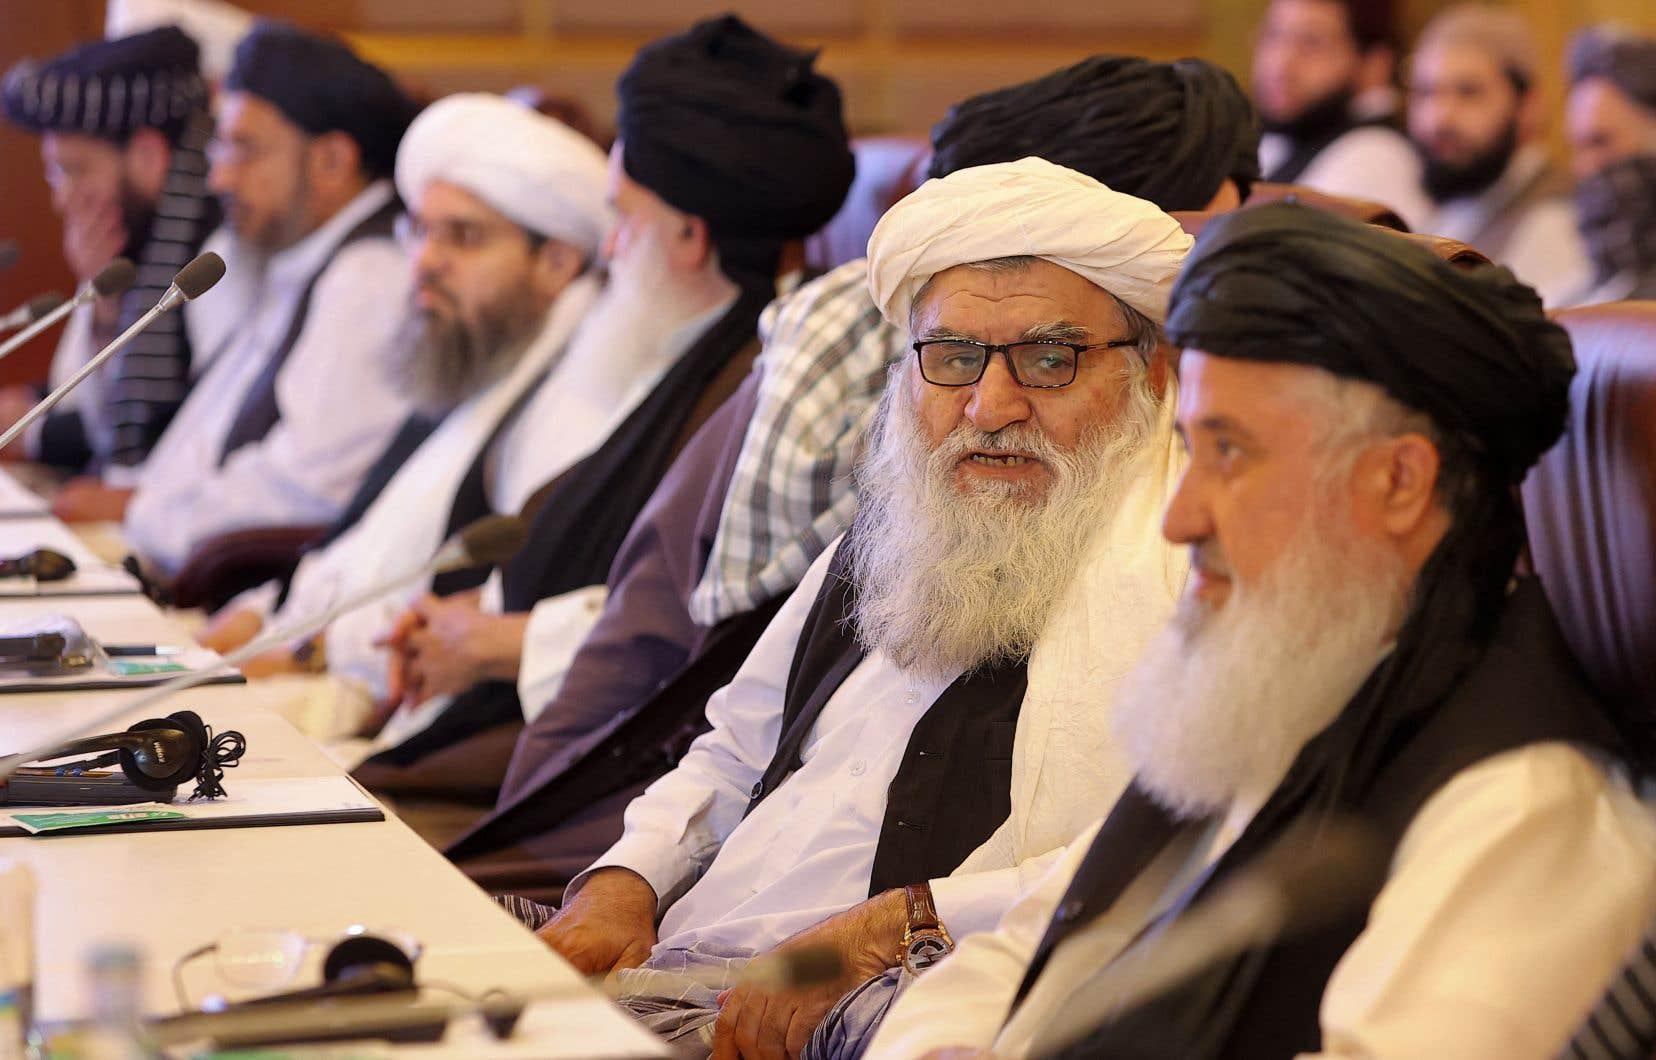 Des délégations du gouvernement afghan et des talibans ont repris samedi à Doha, au Qatar, des pourparlers entamés en septembre.